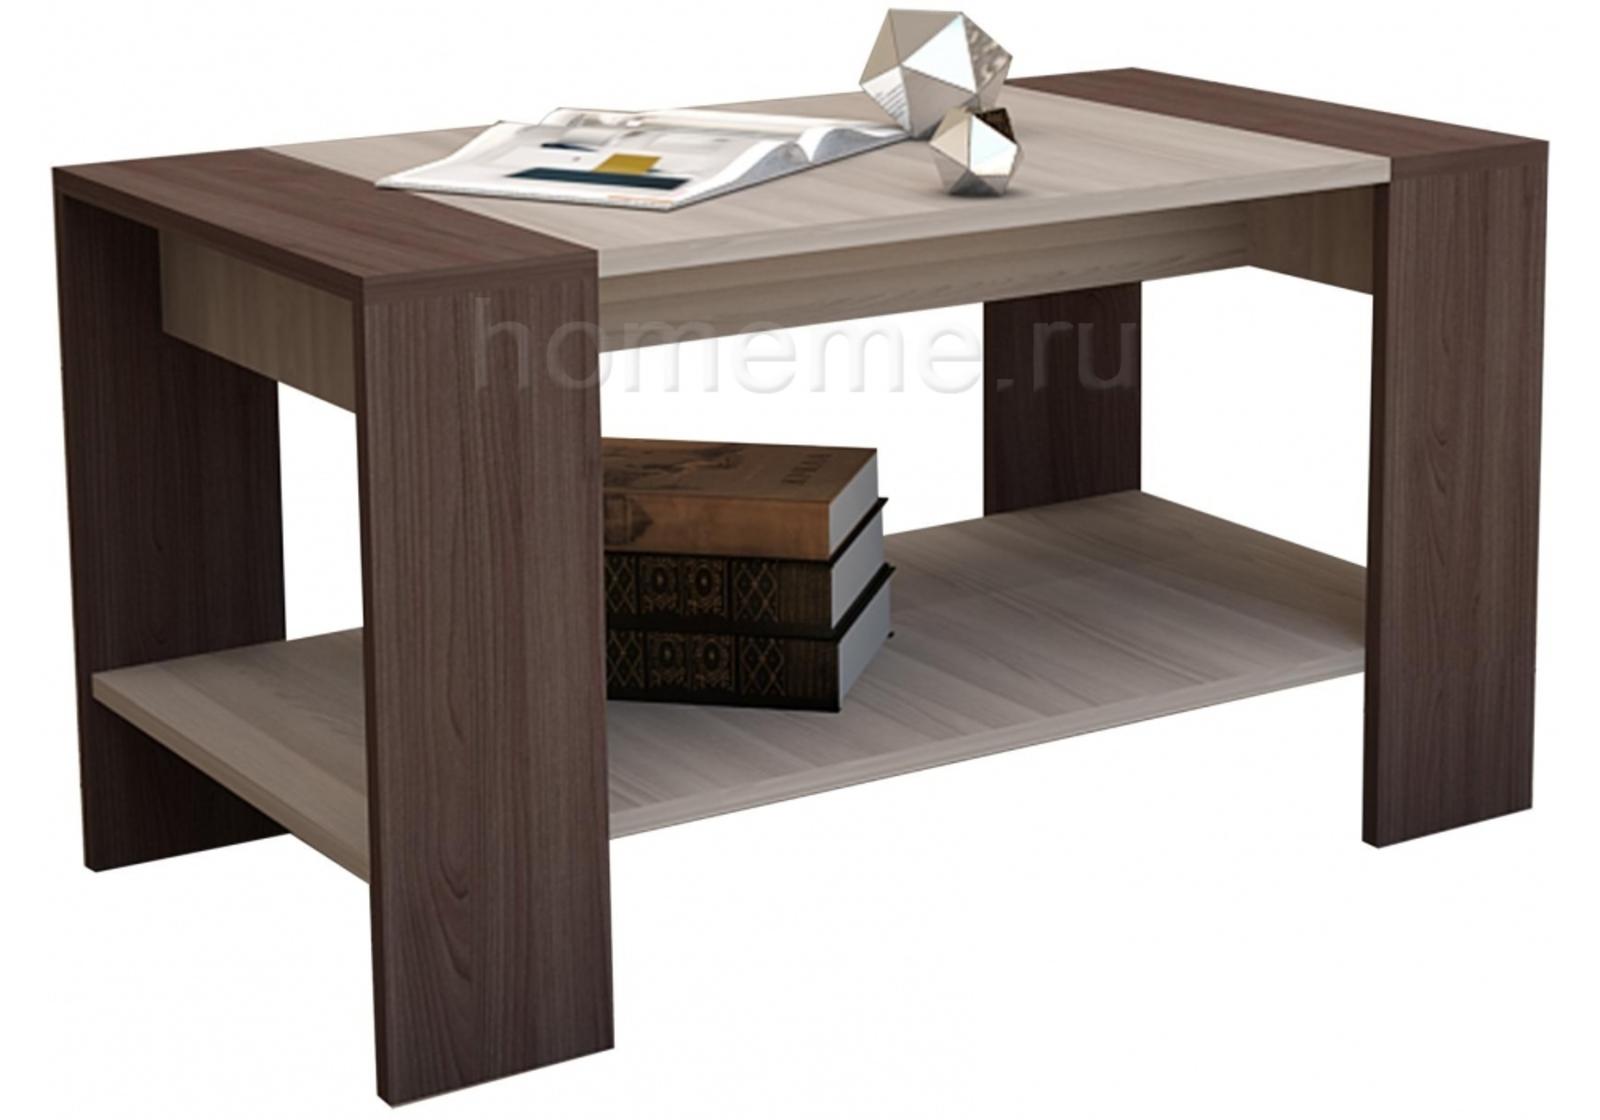 Журнальный стол Квадро ясень шимо темный / ясень шимо светлый 294561 Квадро ясень шимо темный / ясень шимо светлый 294561 (15848) фото